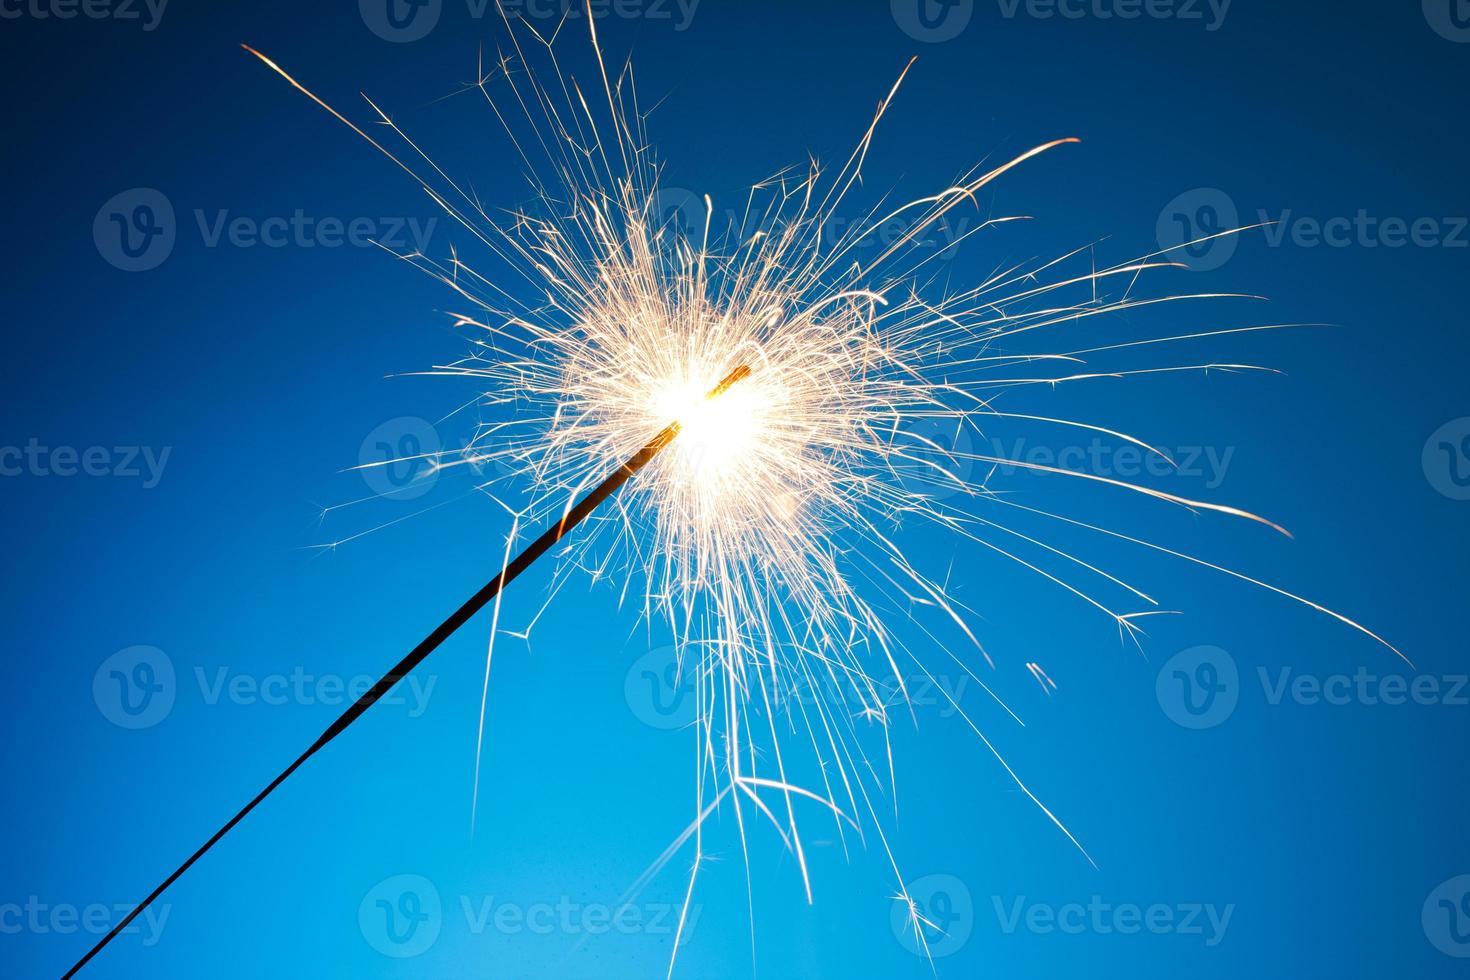 frisch beleuchtete Wunderkerze auf blauem Hintergrund foto